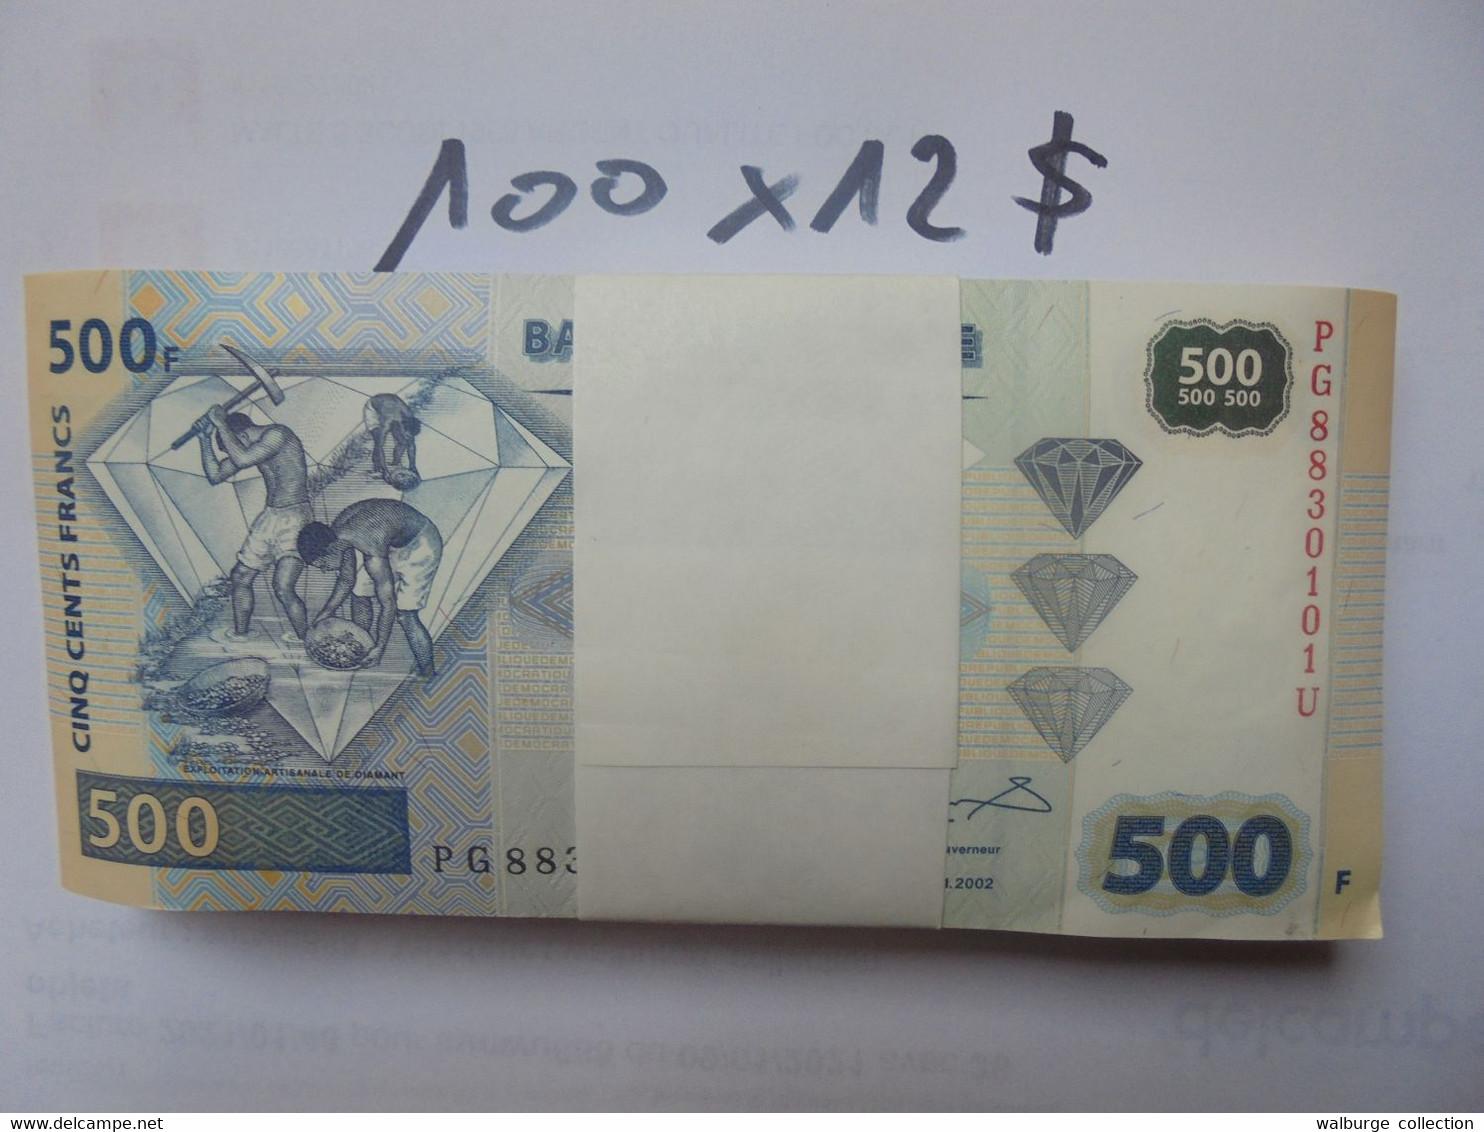 CONGO LIASSE 500 FRANCS 2002 100 BILLETS NEUFS NUMEROS SE SUIVANT COTE:1200$ !!! - Demokratische Republik Kongo & Zaire